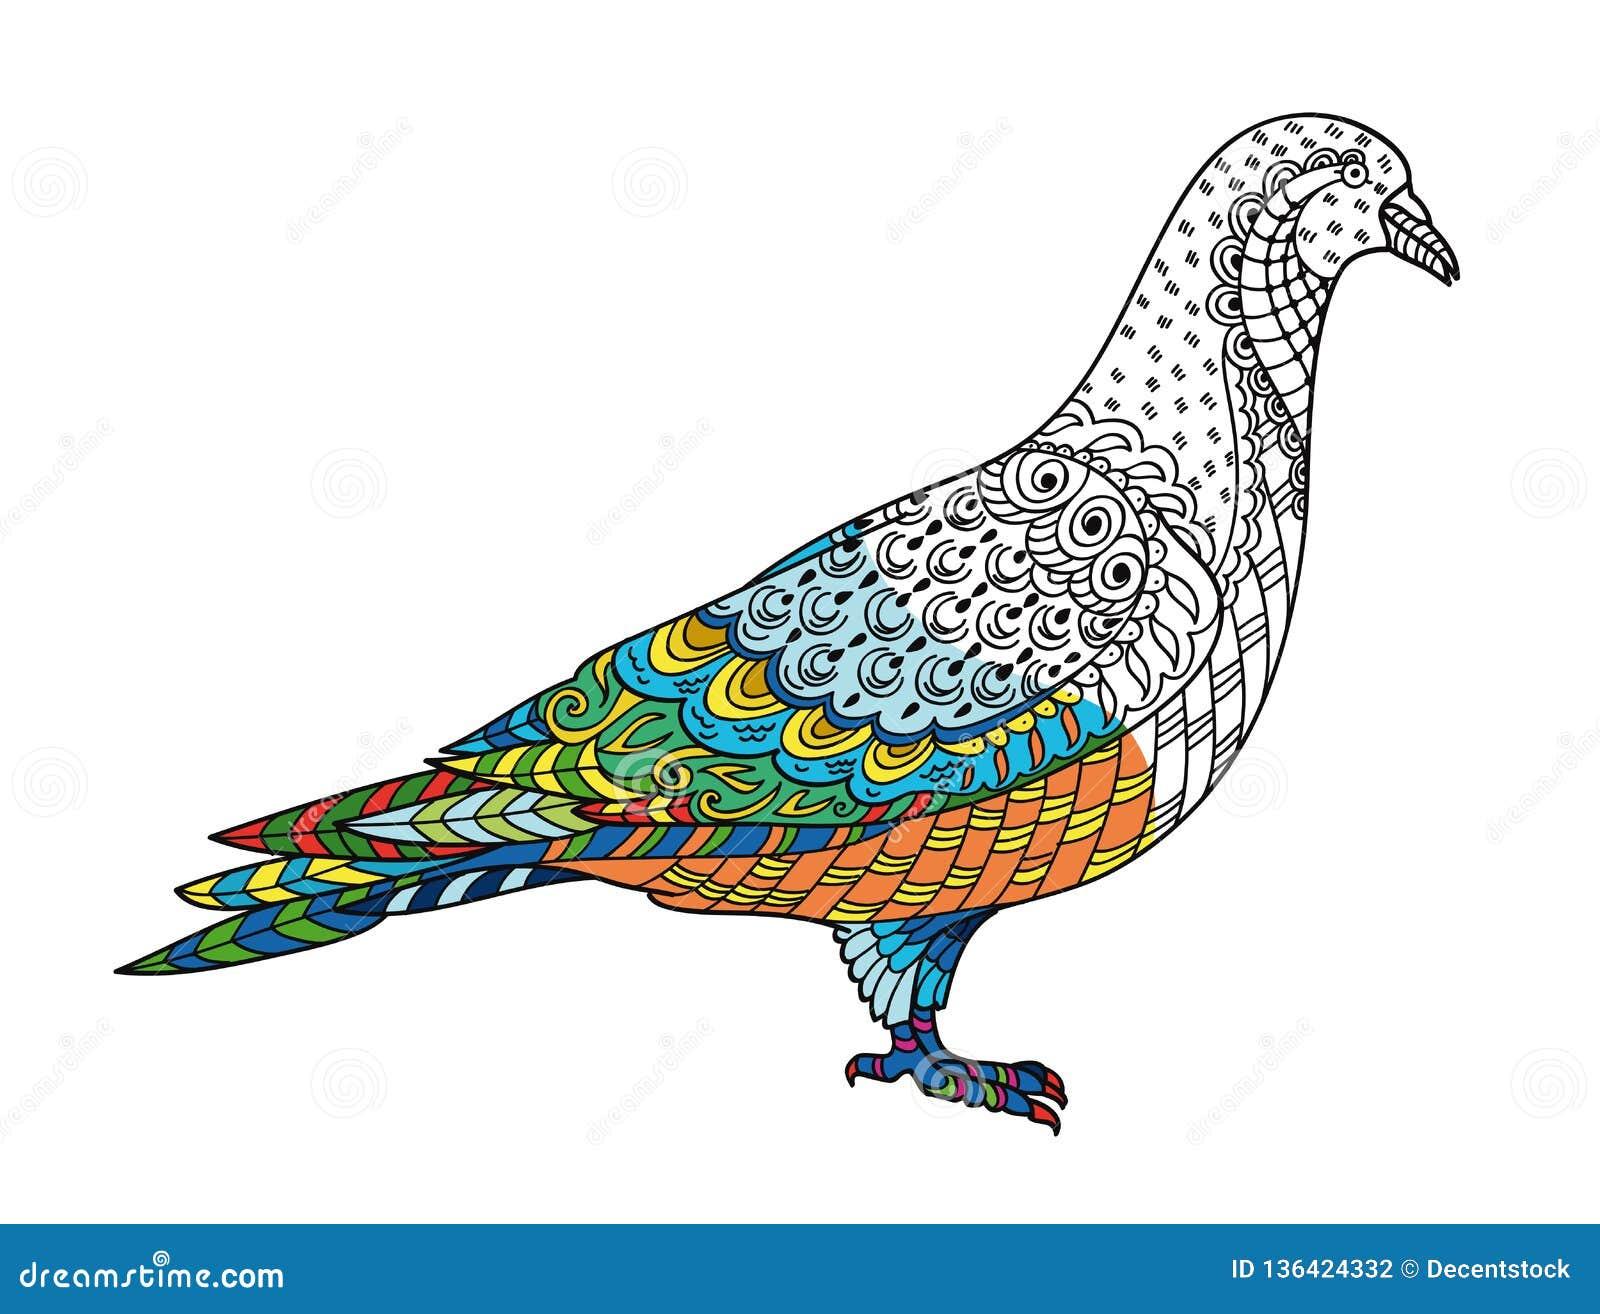 Coloriage Adulte Eglise.Pigeon Stylise De Dessin De Colombe Croquis A Main Levee Pour L Anti